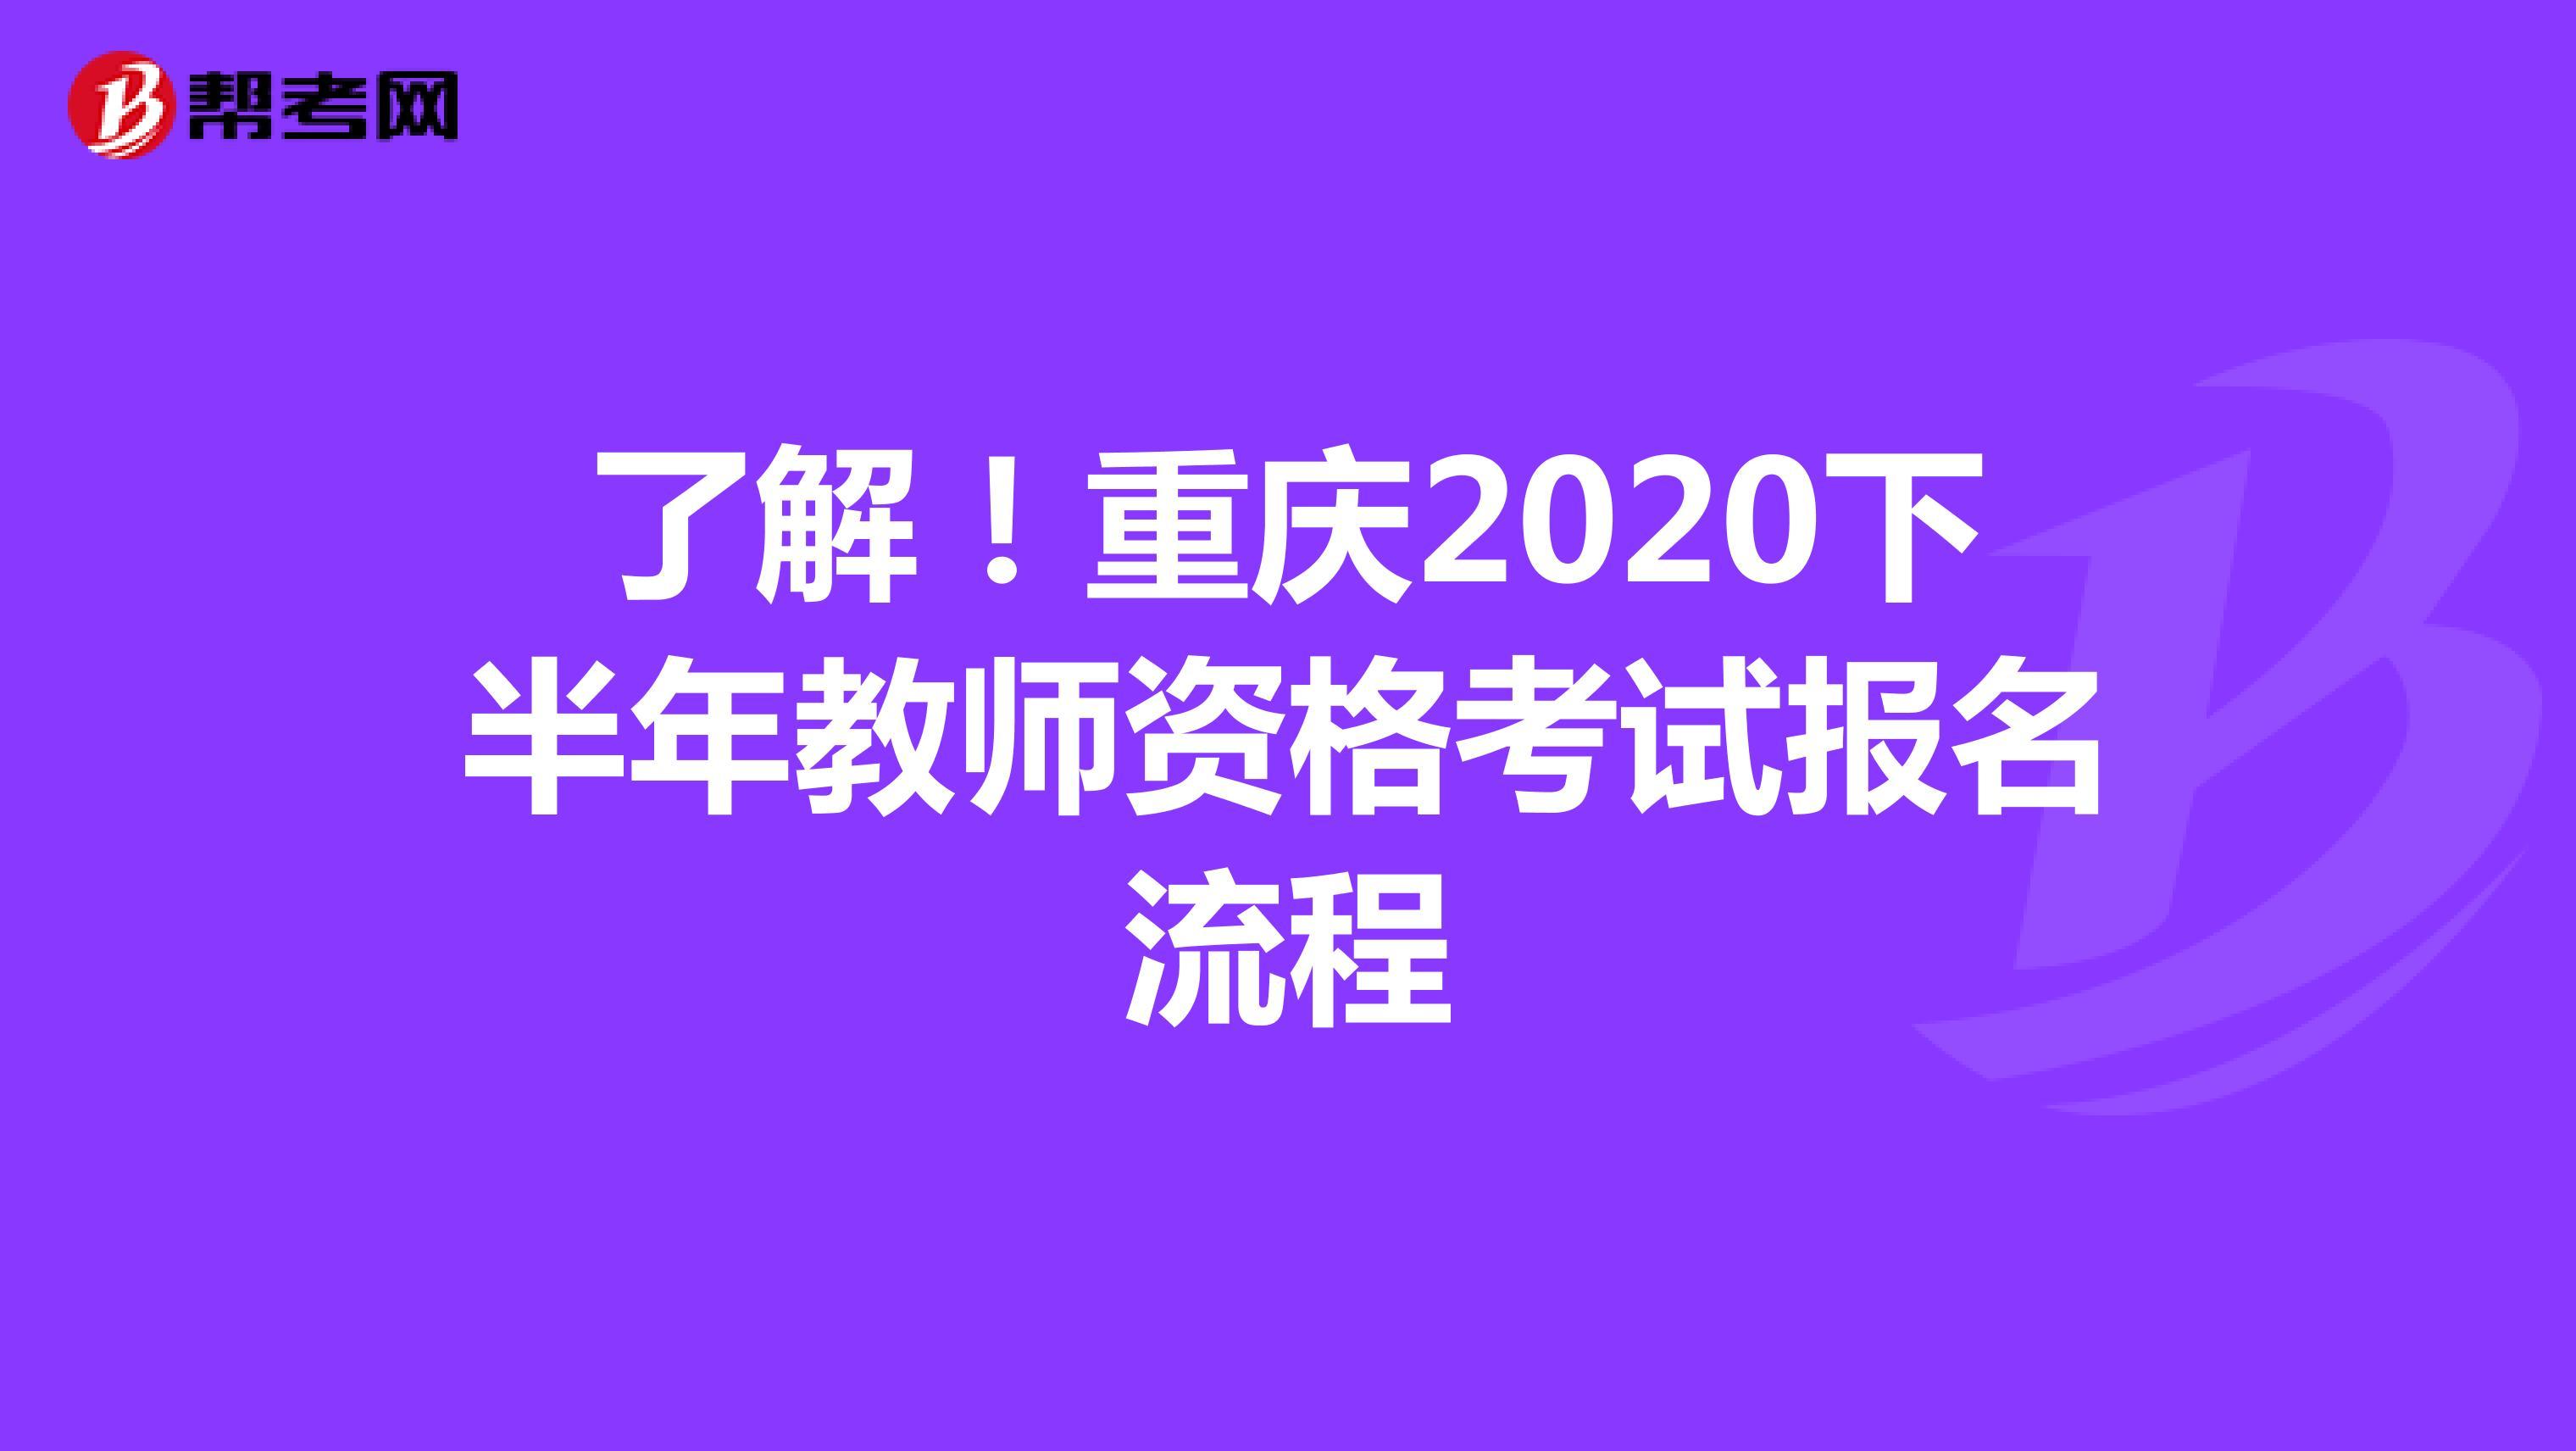 了解!重庆2020下半年教师资格考试报名流程